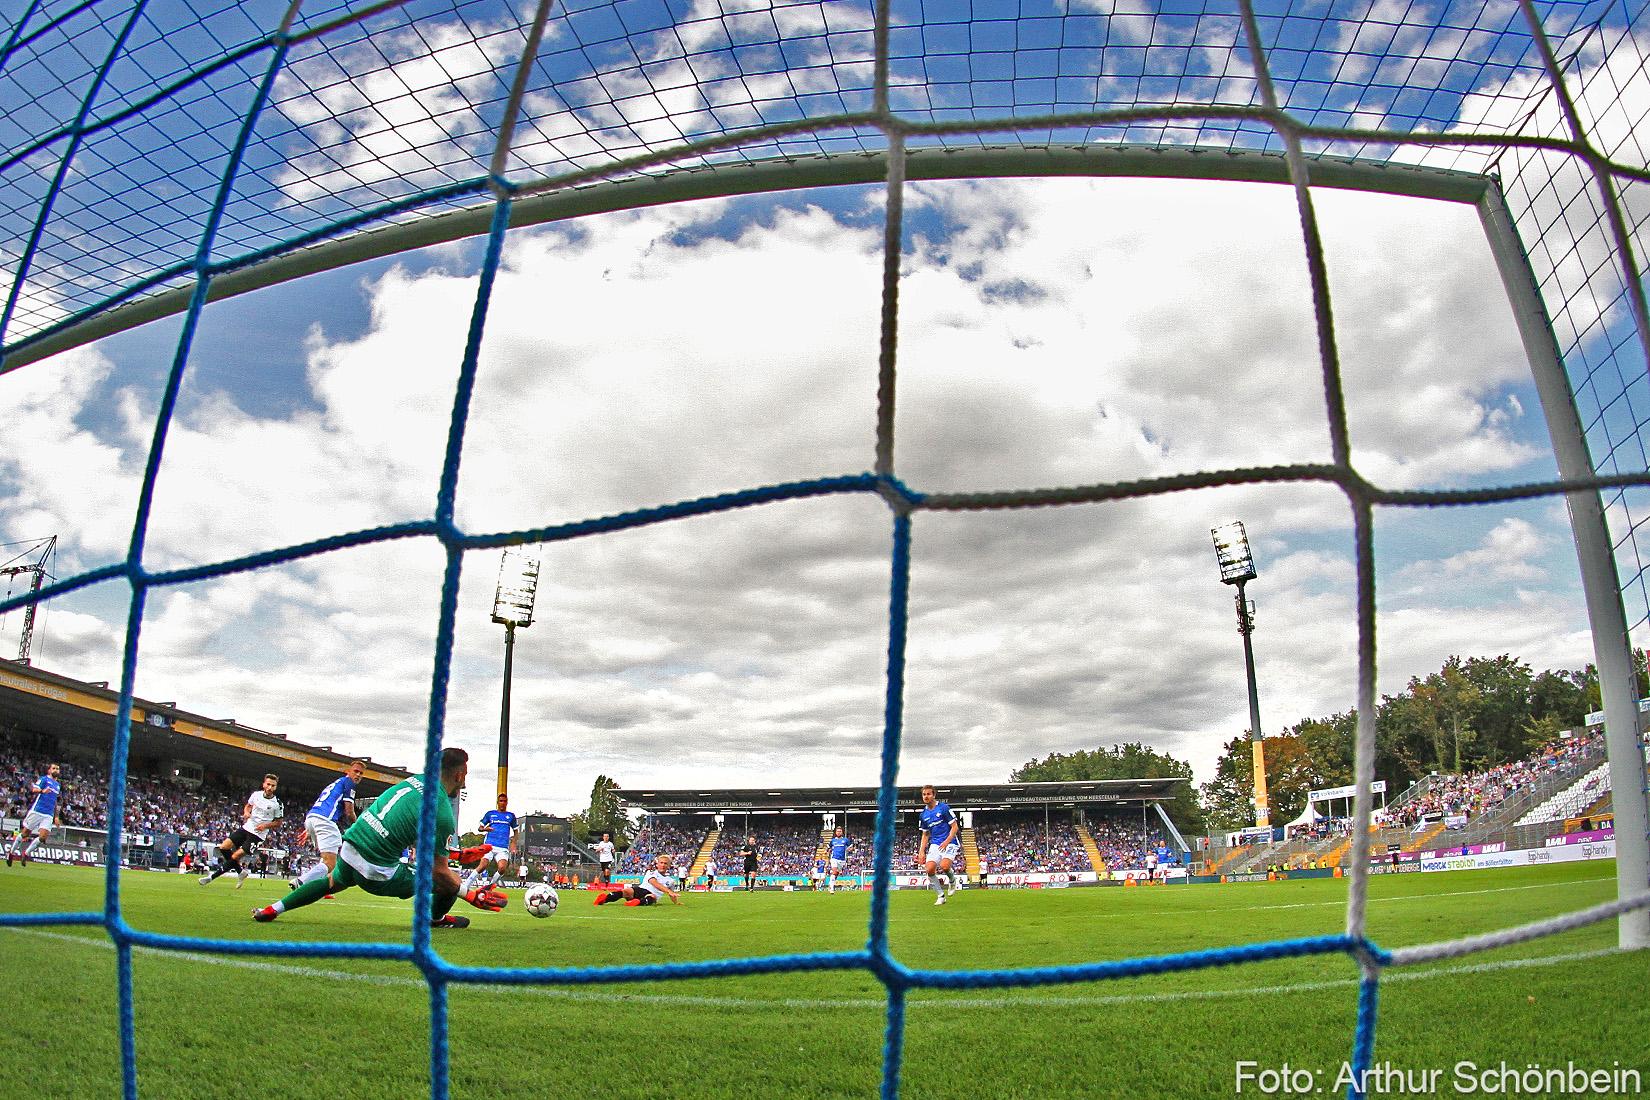 SV Darmstadt 98 – SV Sandhausen 1:1 (0:0)